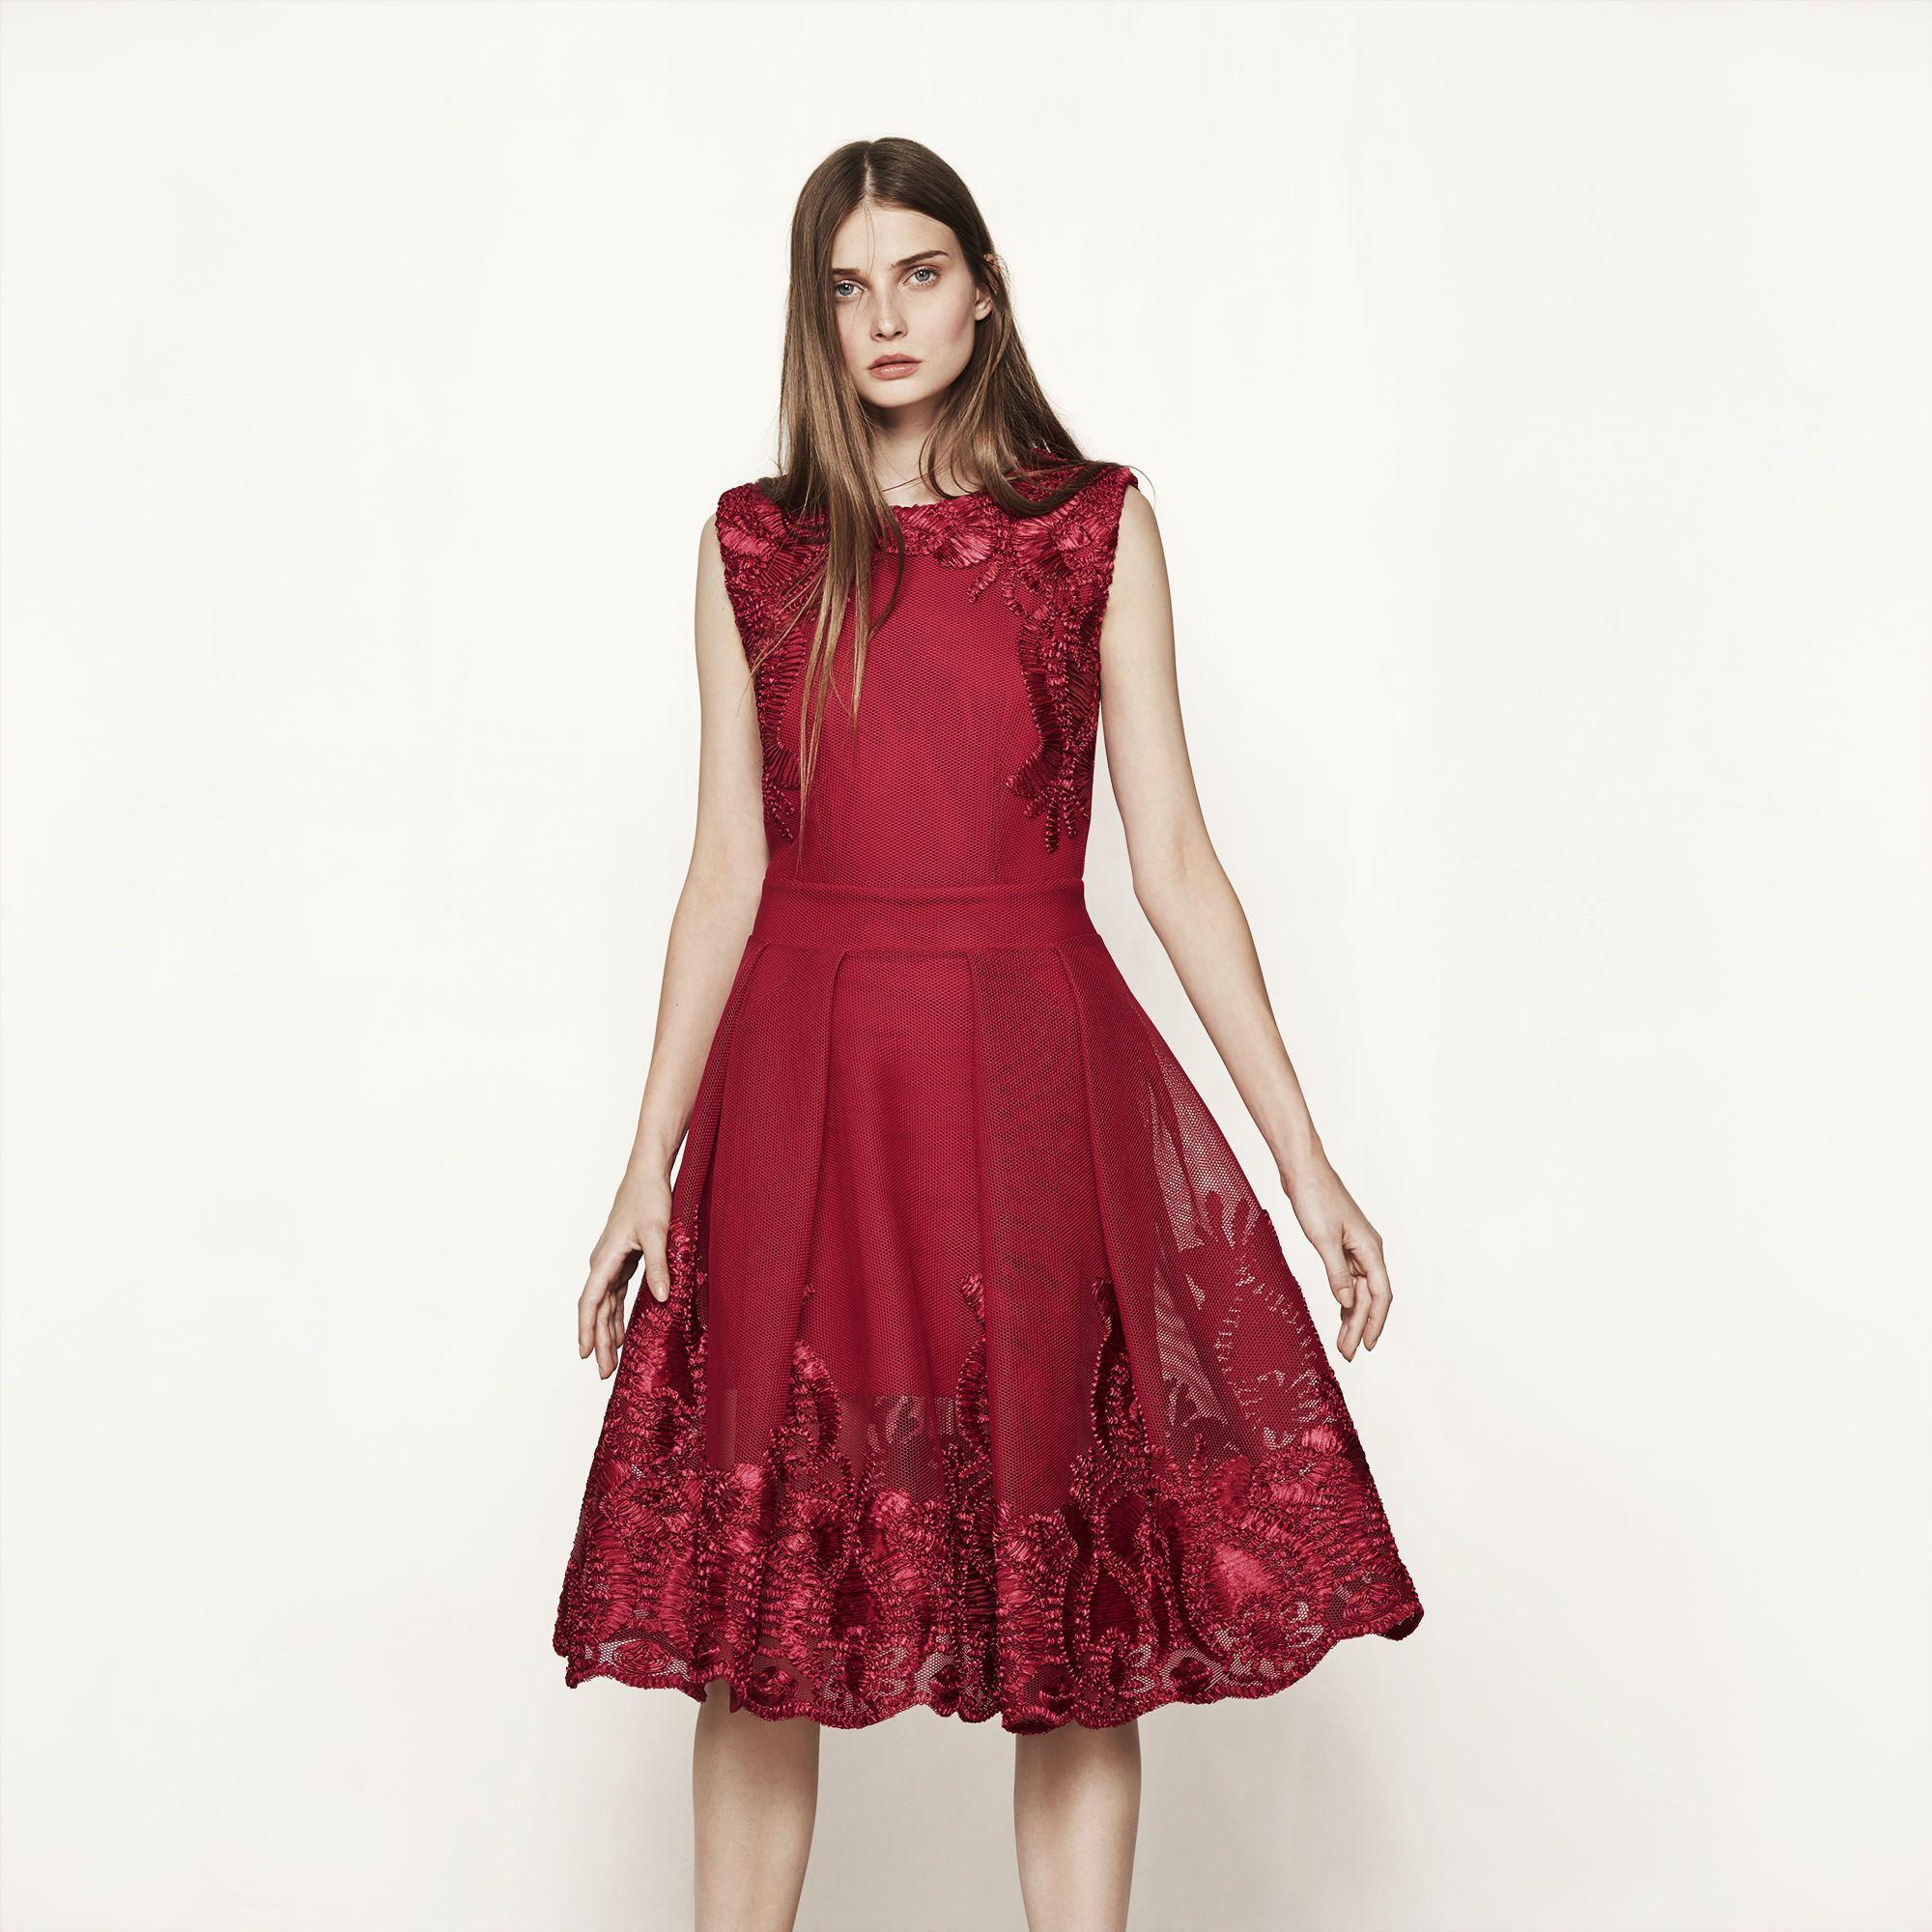 Épinglé sur One day, a dress